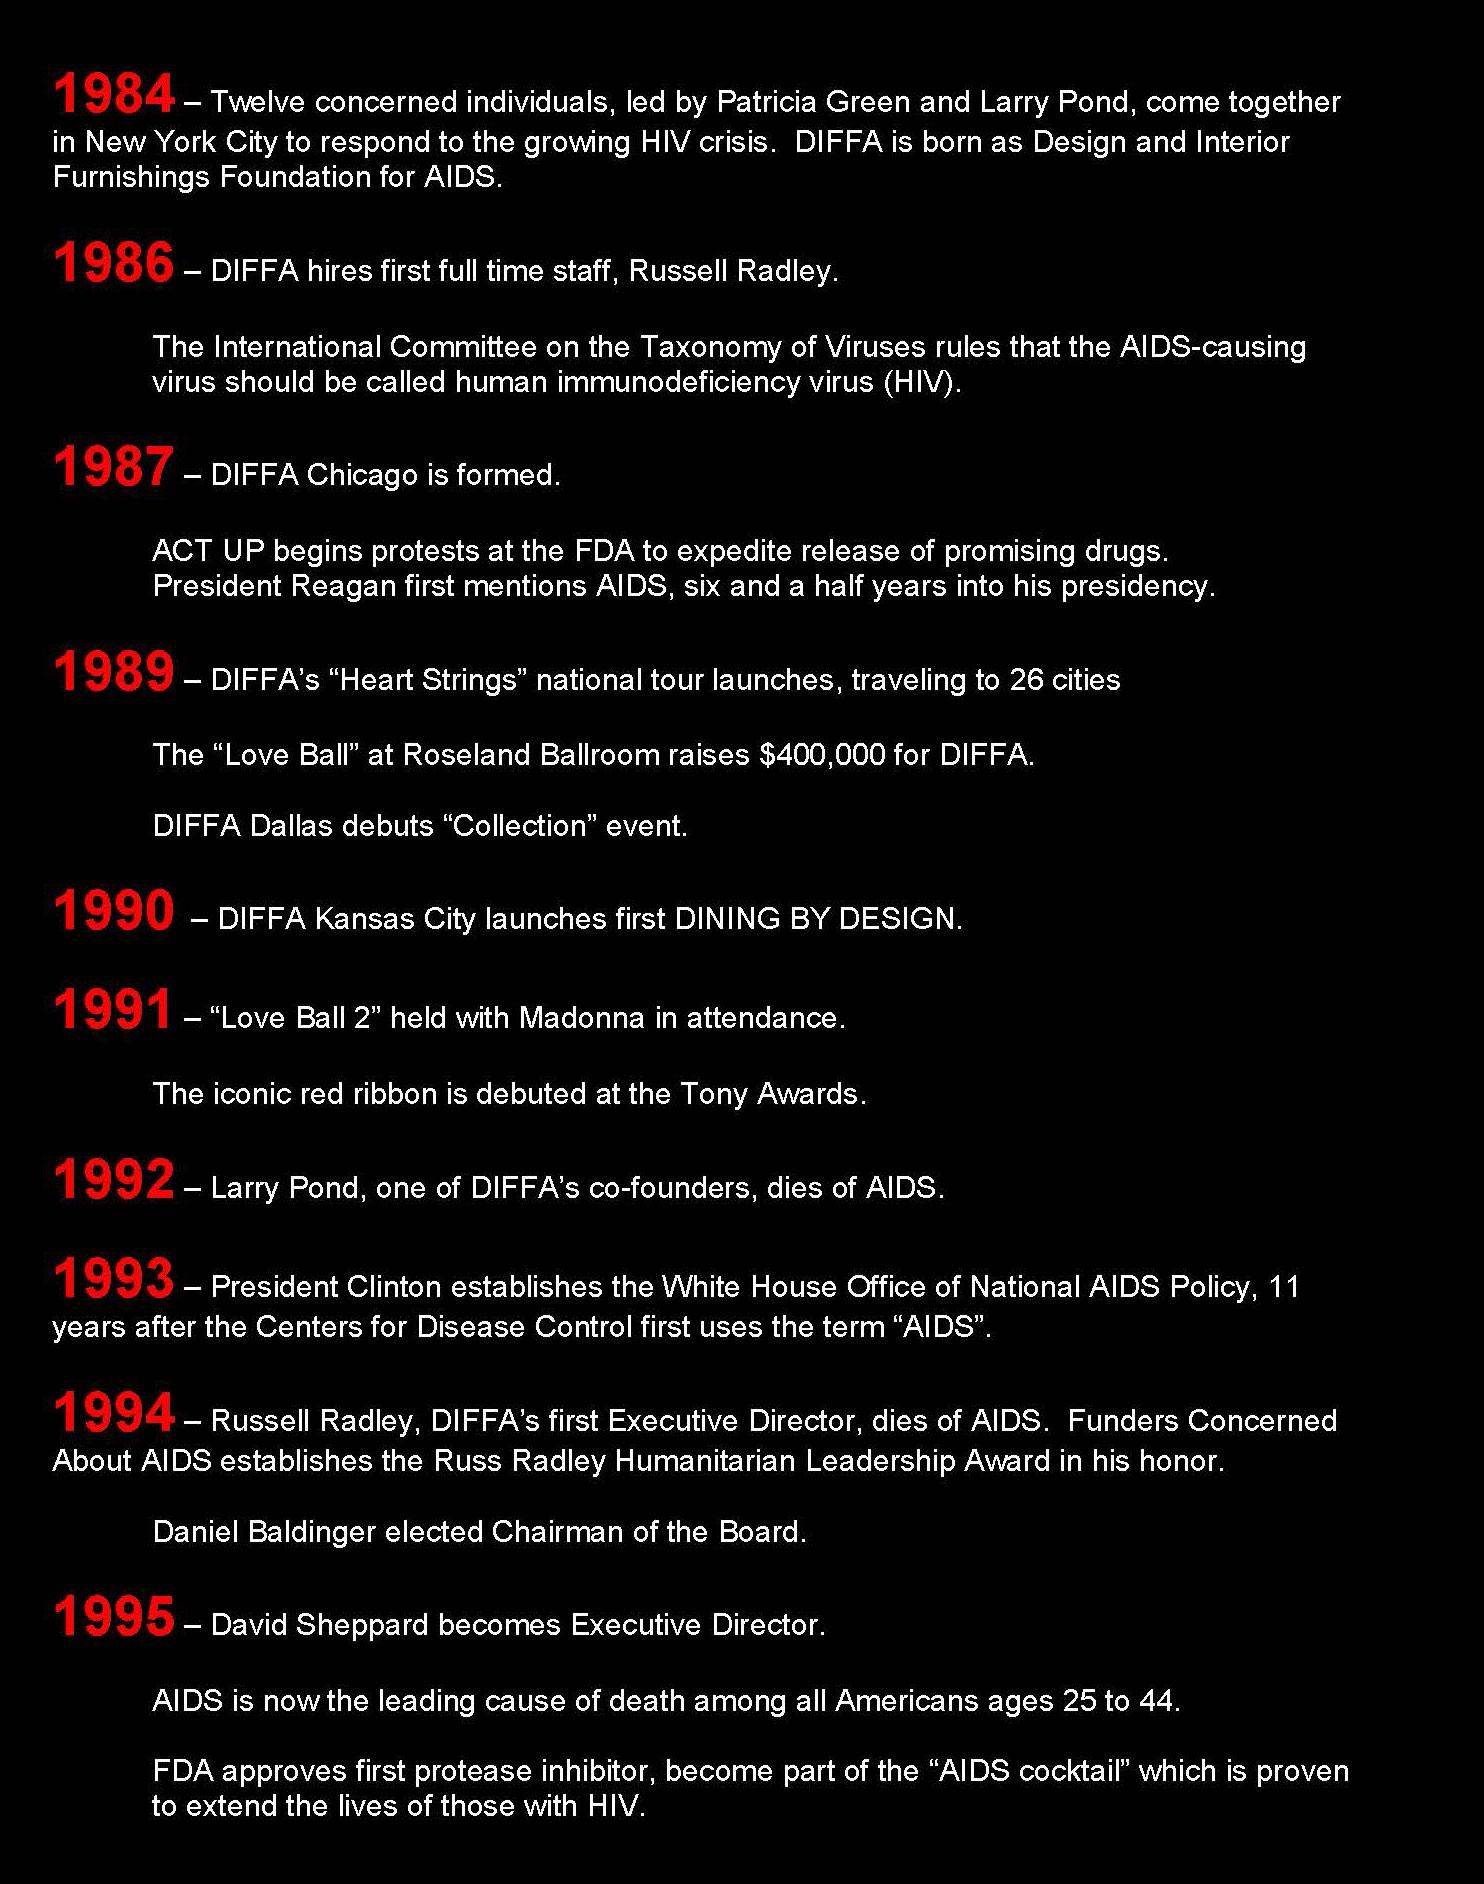 DRAFT-historical-timeline-black_Page_1